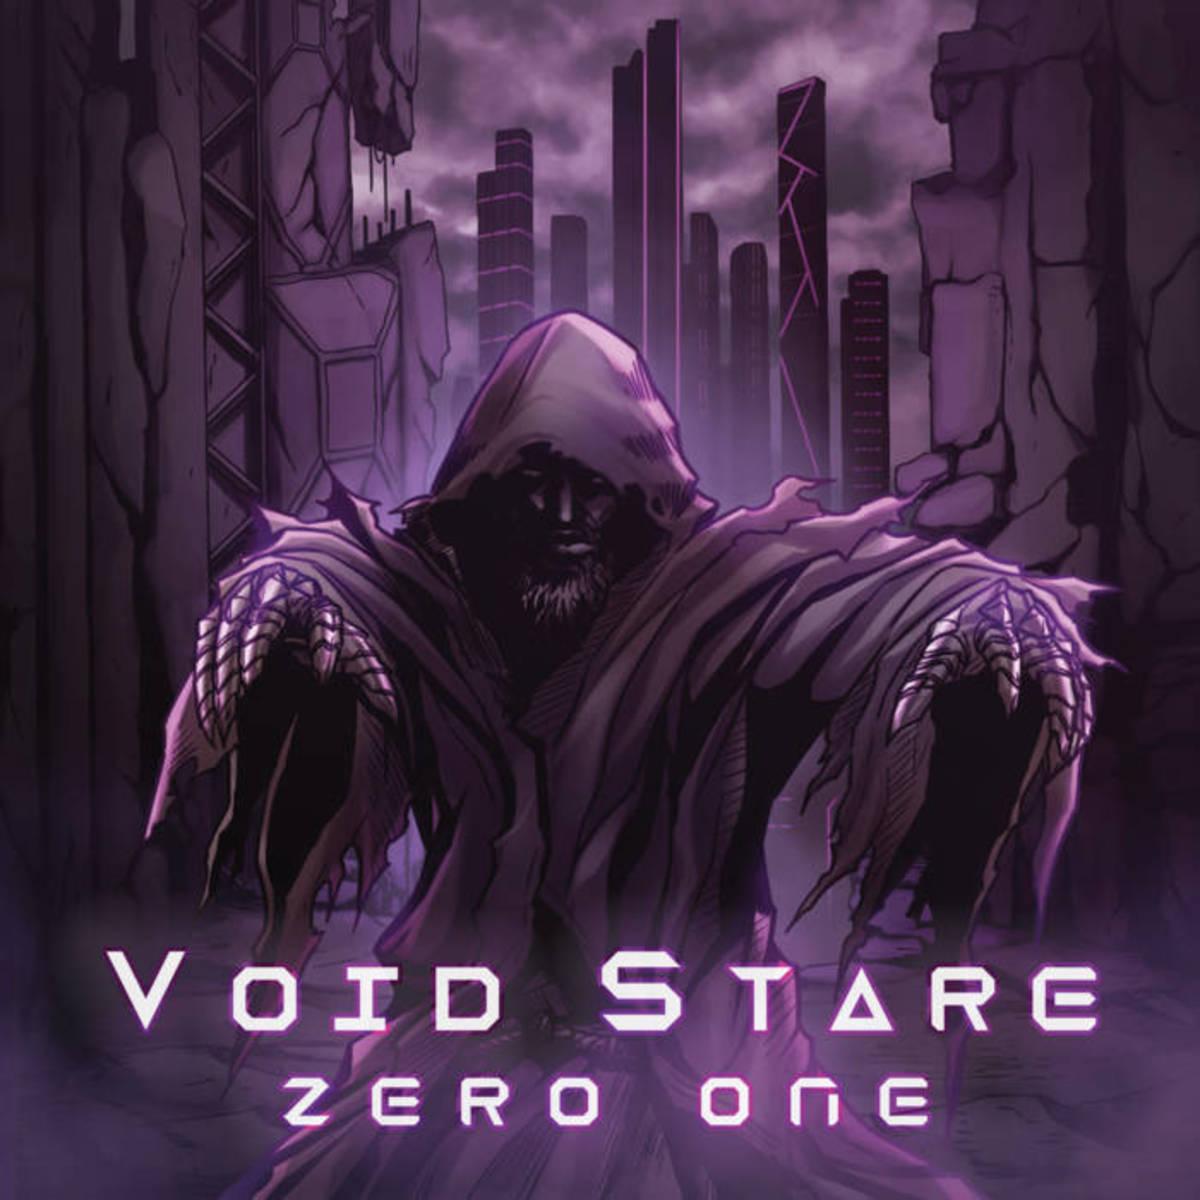 """Darkwave Album Review: """"Zero One"""" by Void Stare"""